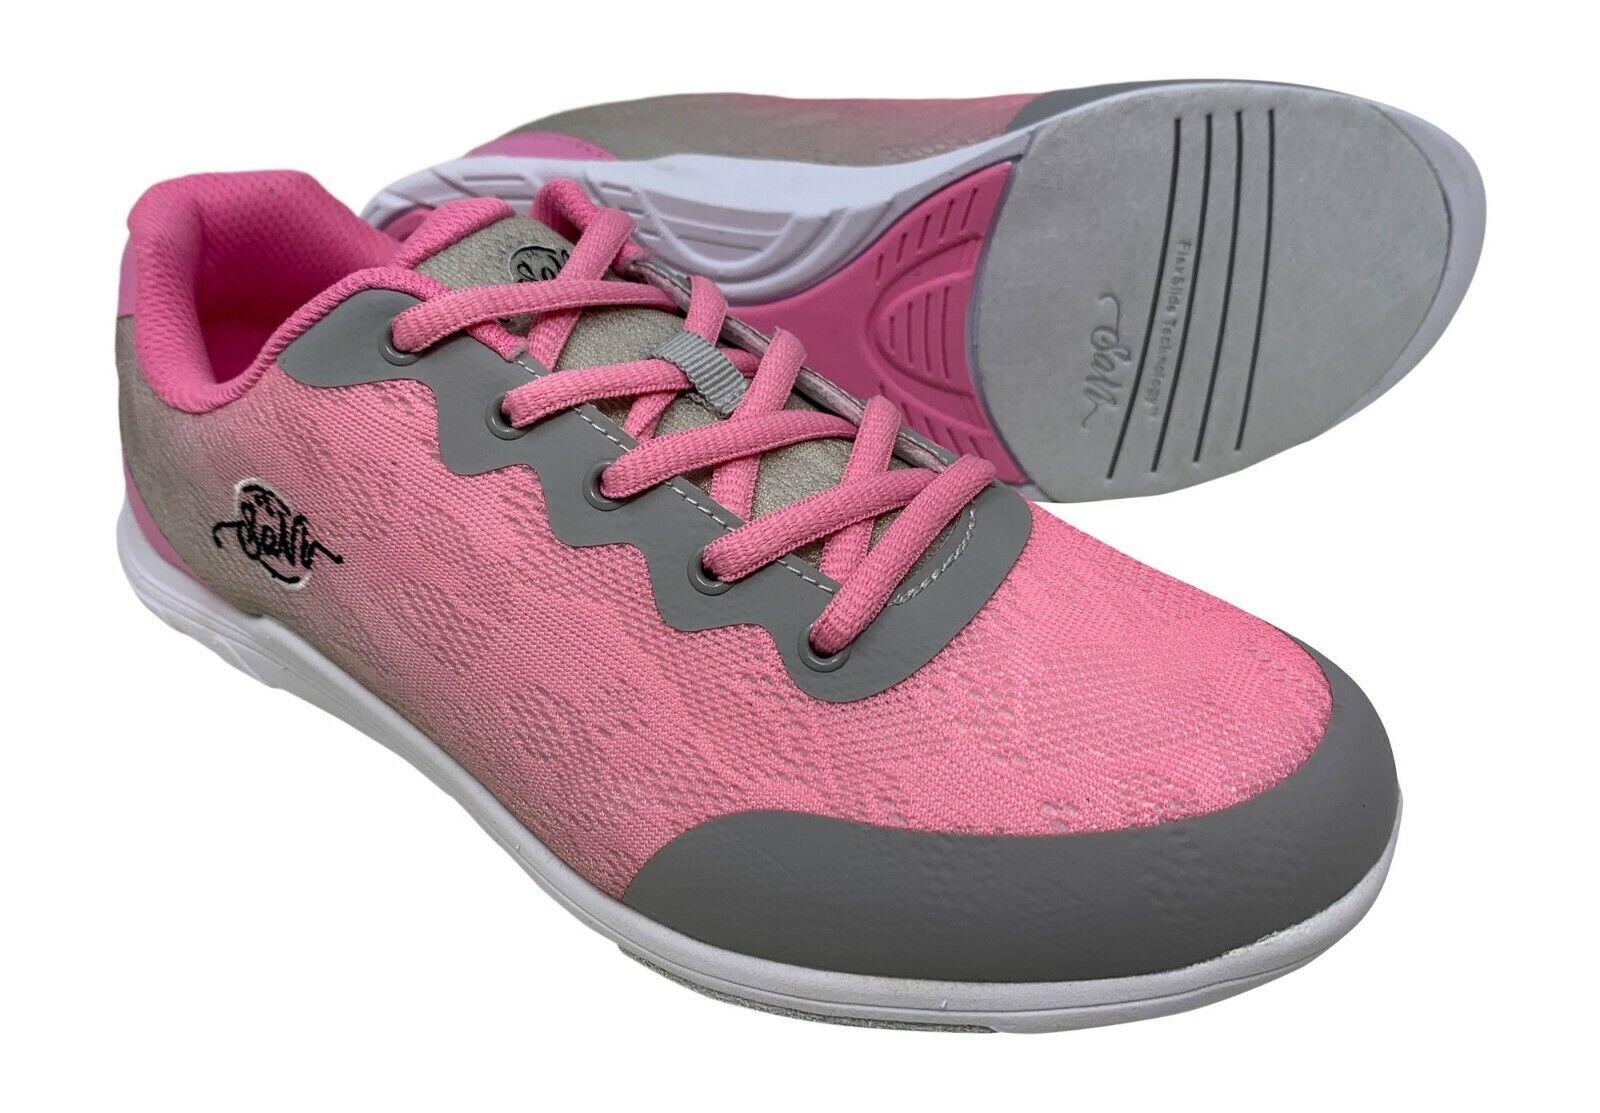 New Women's SaVi Savannah Pink Grey Bowling shoes Size 9.5